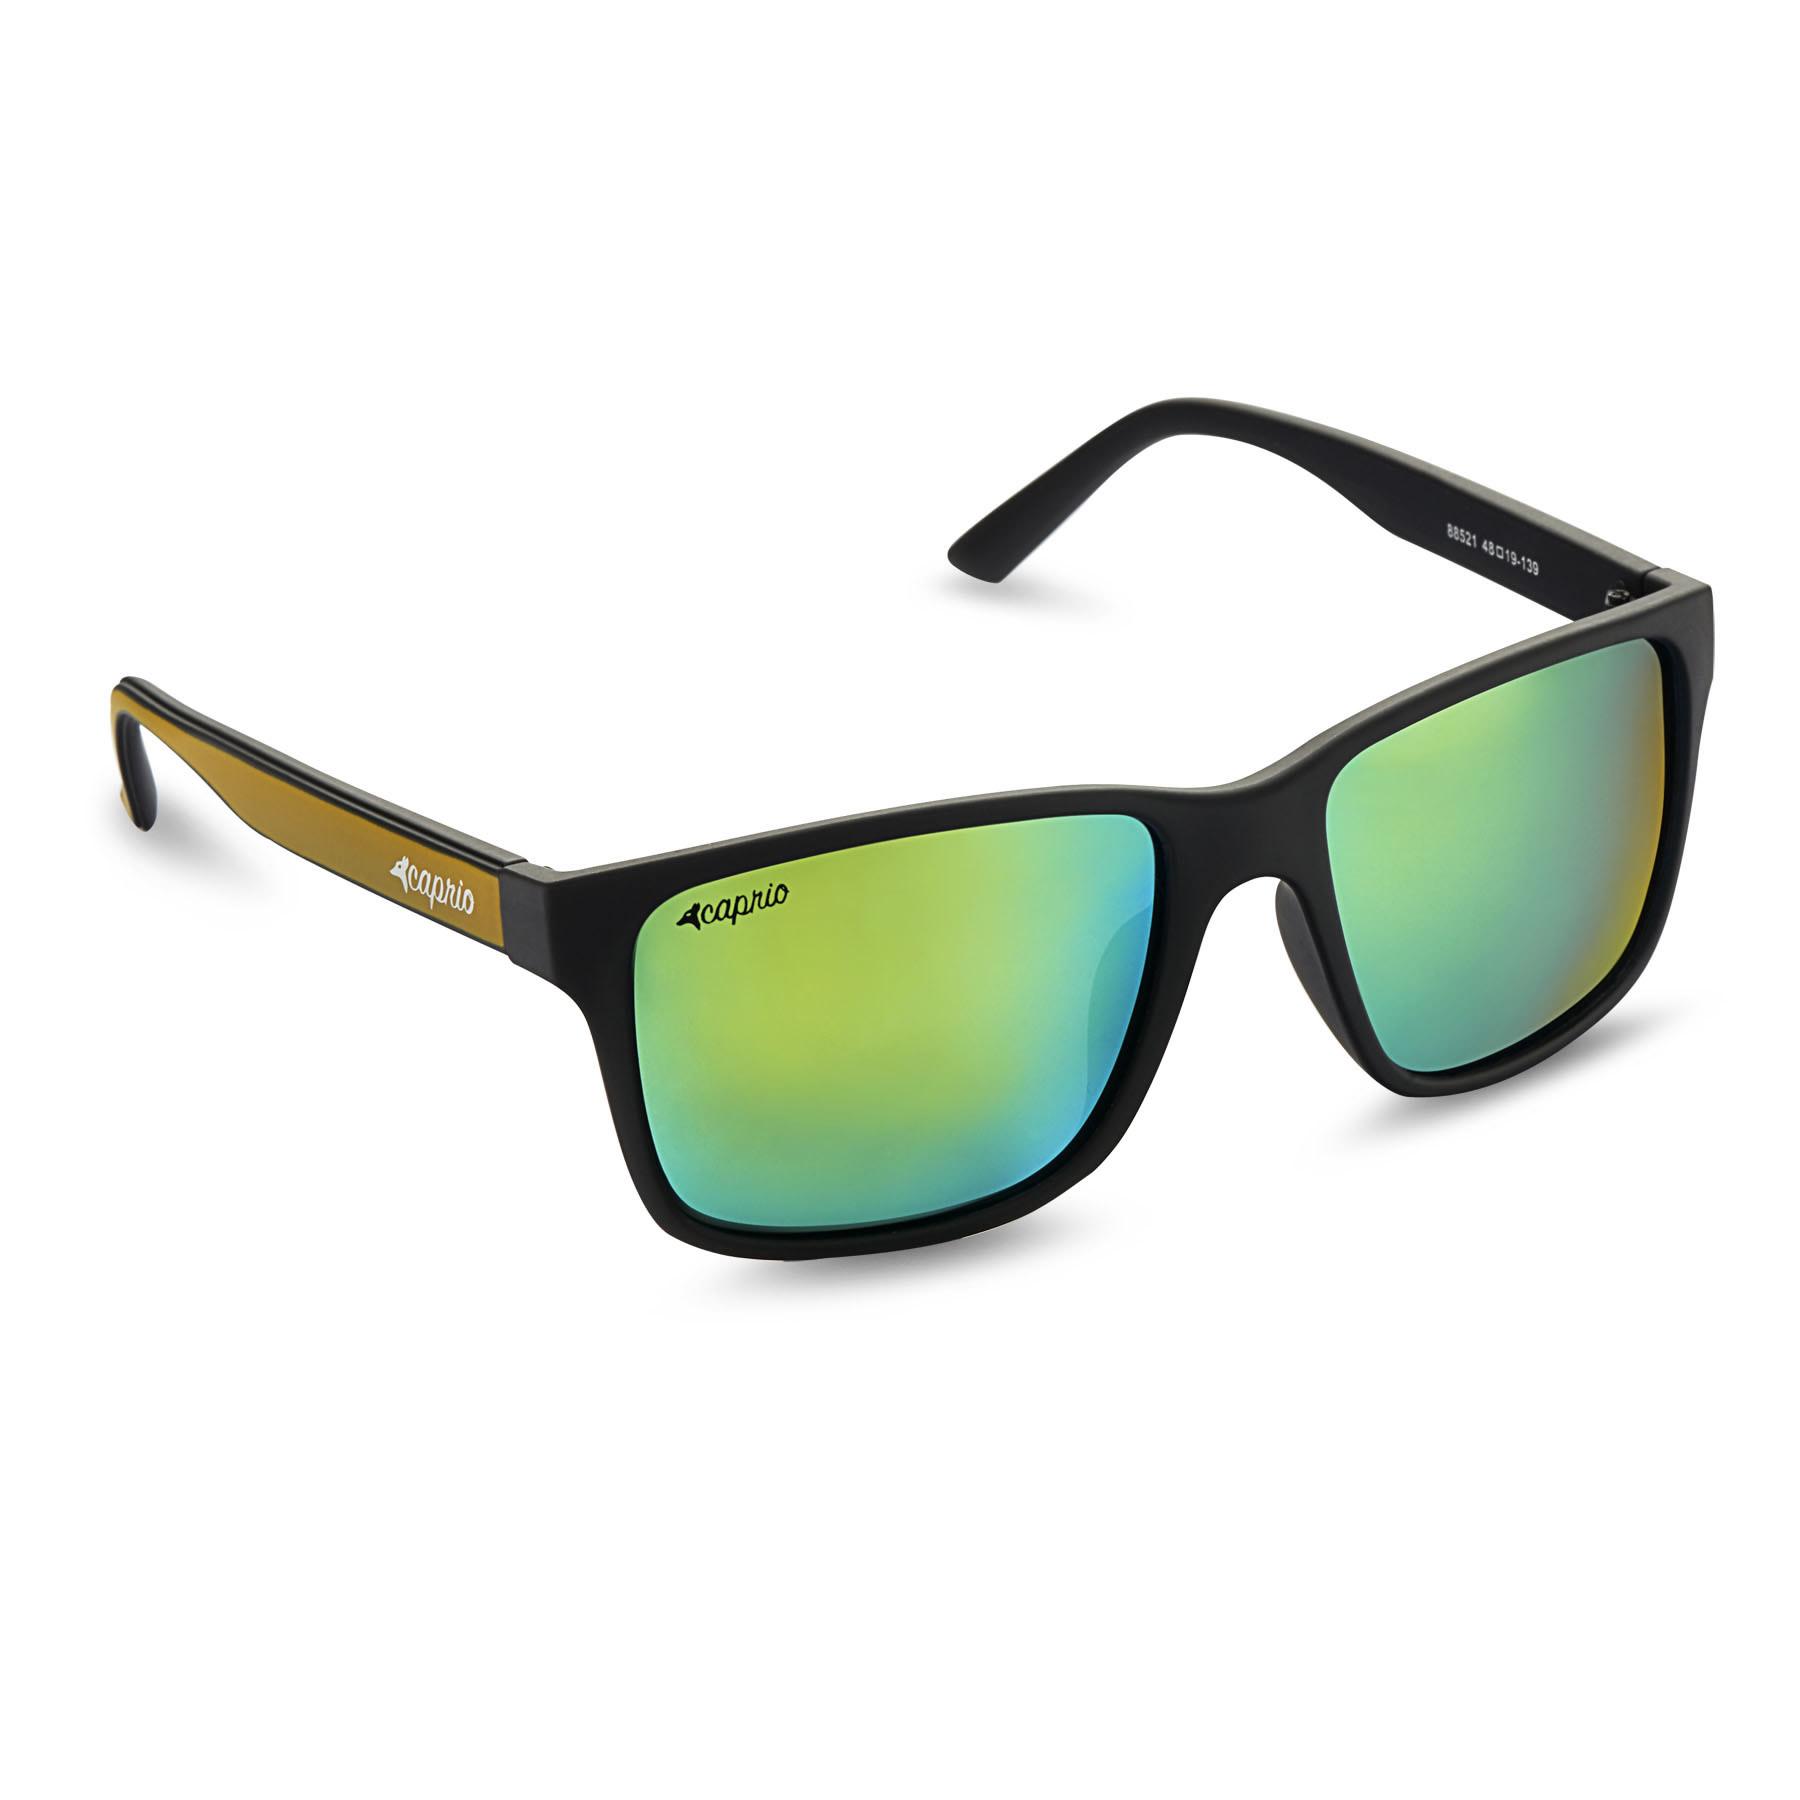 35c44b8e0ba Caprio Unisex Mirrored Wayfarer Sunglasses